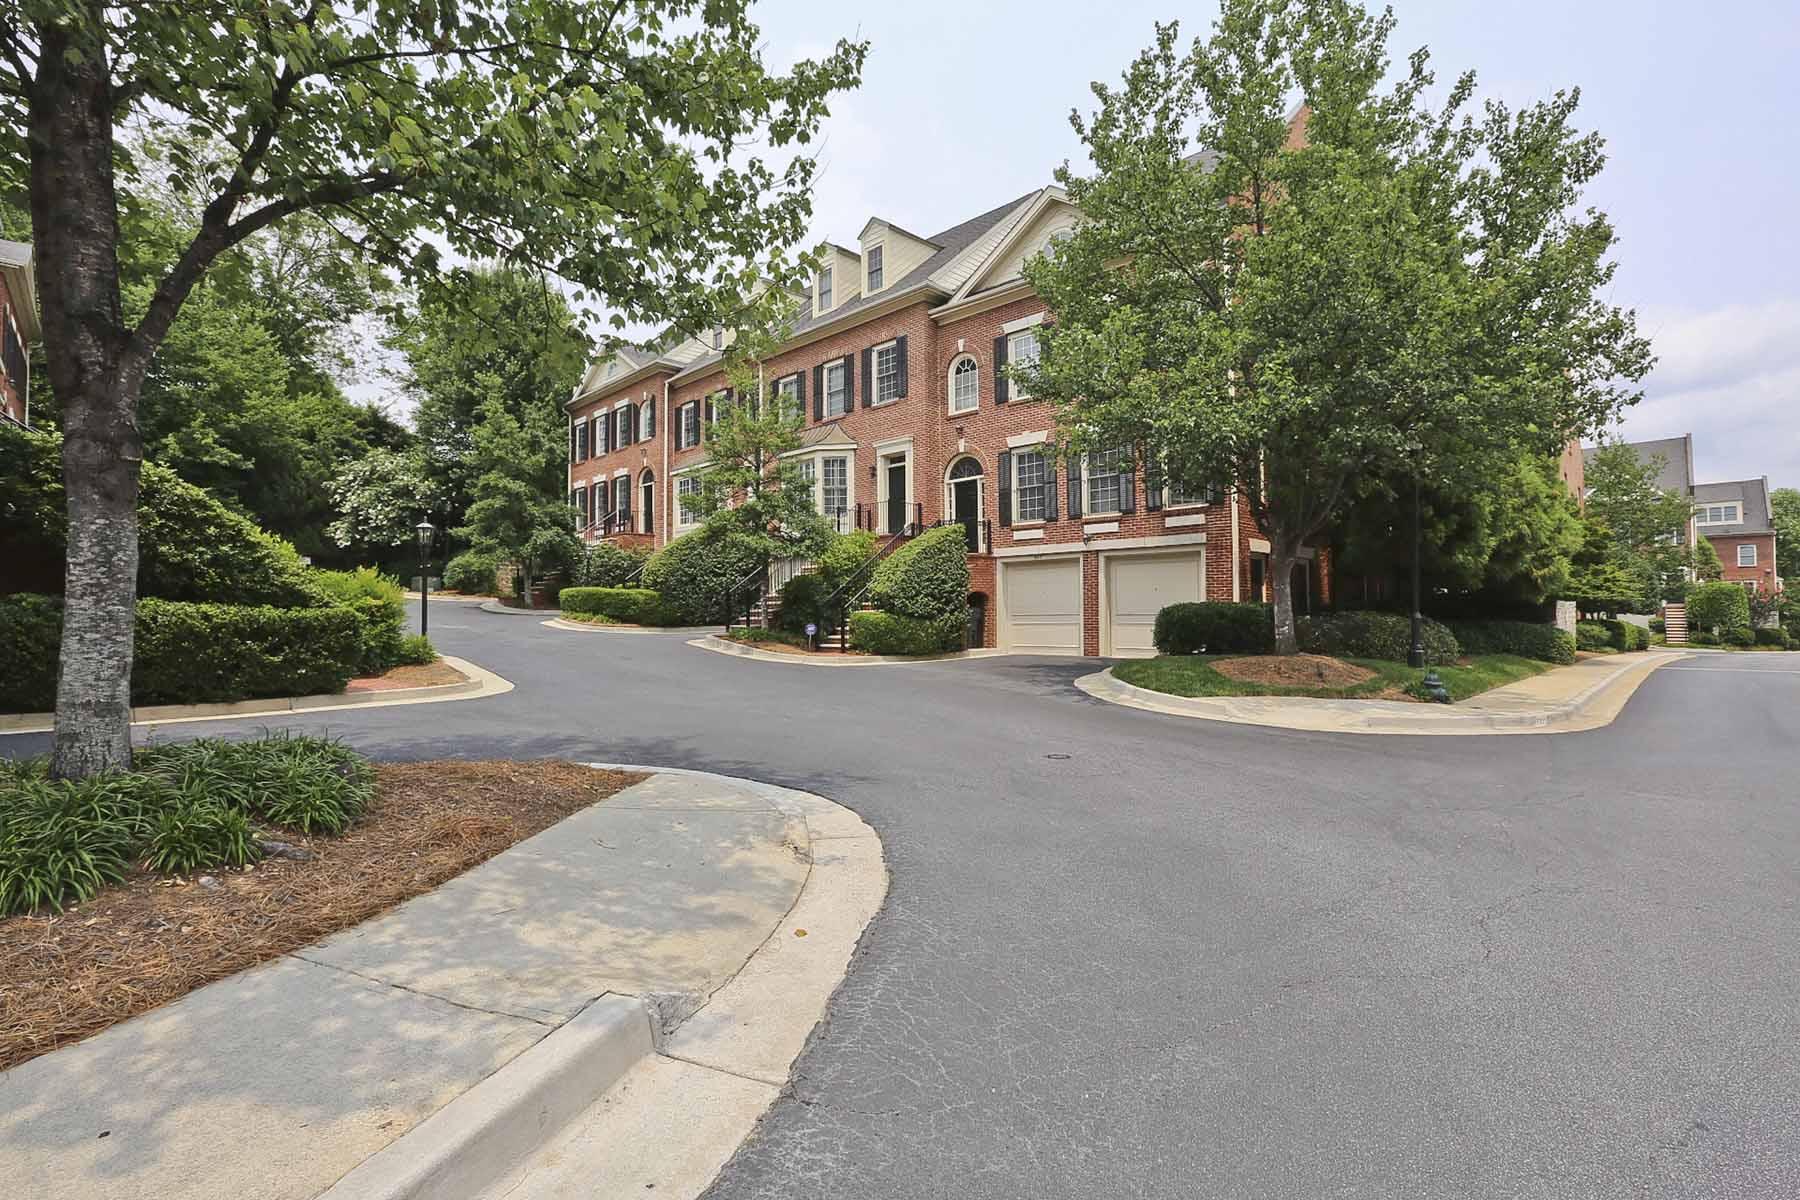 타운하우스 용 매매 에 Gated Large townhome in Desireable South Buckhead 1735 Peachtree Street NE Buckhead, Atlanta, 조지아 30309 미국